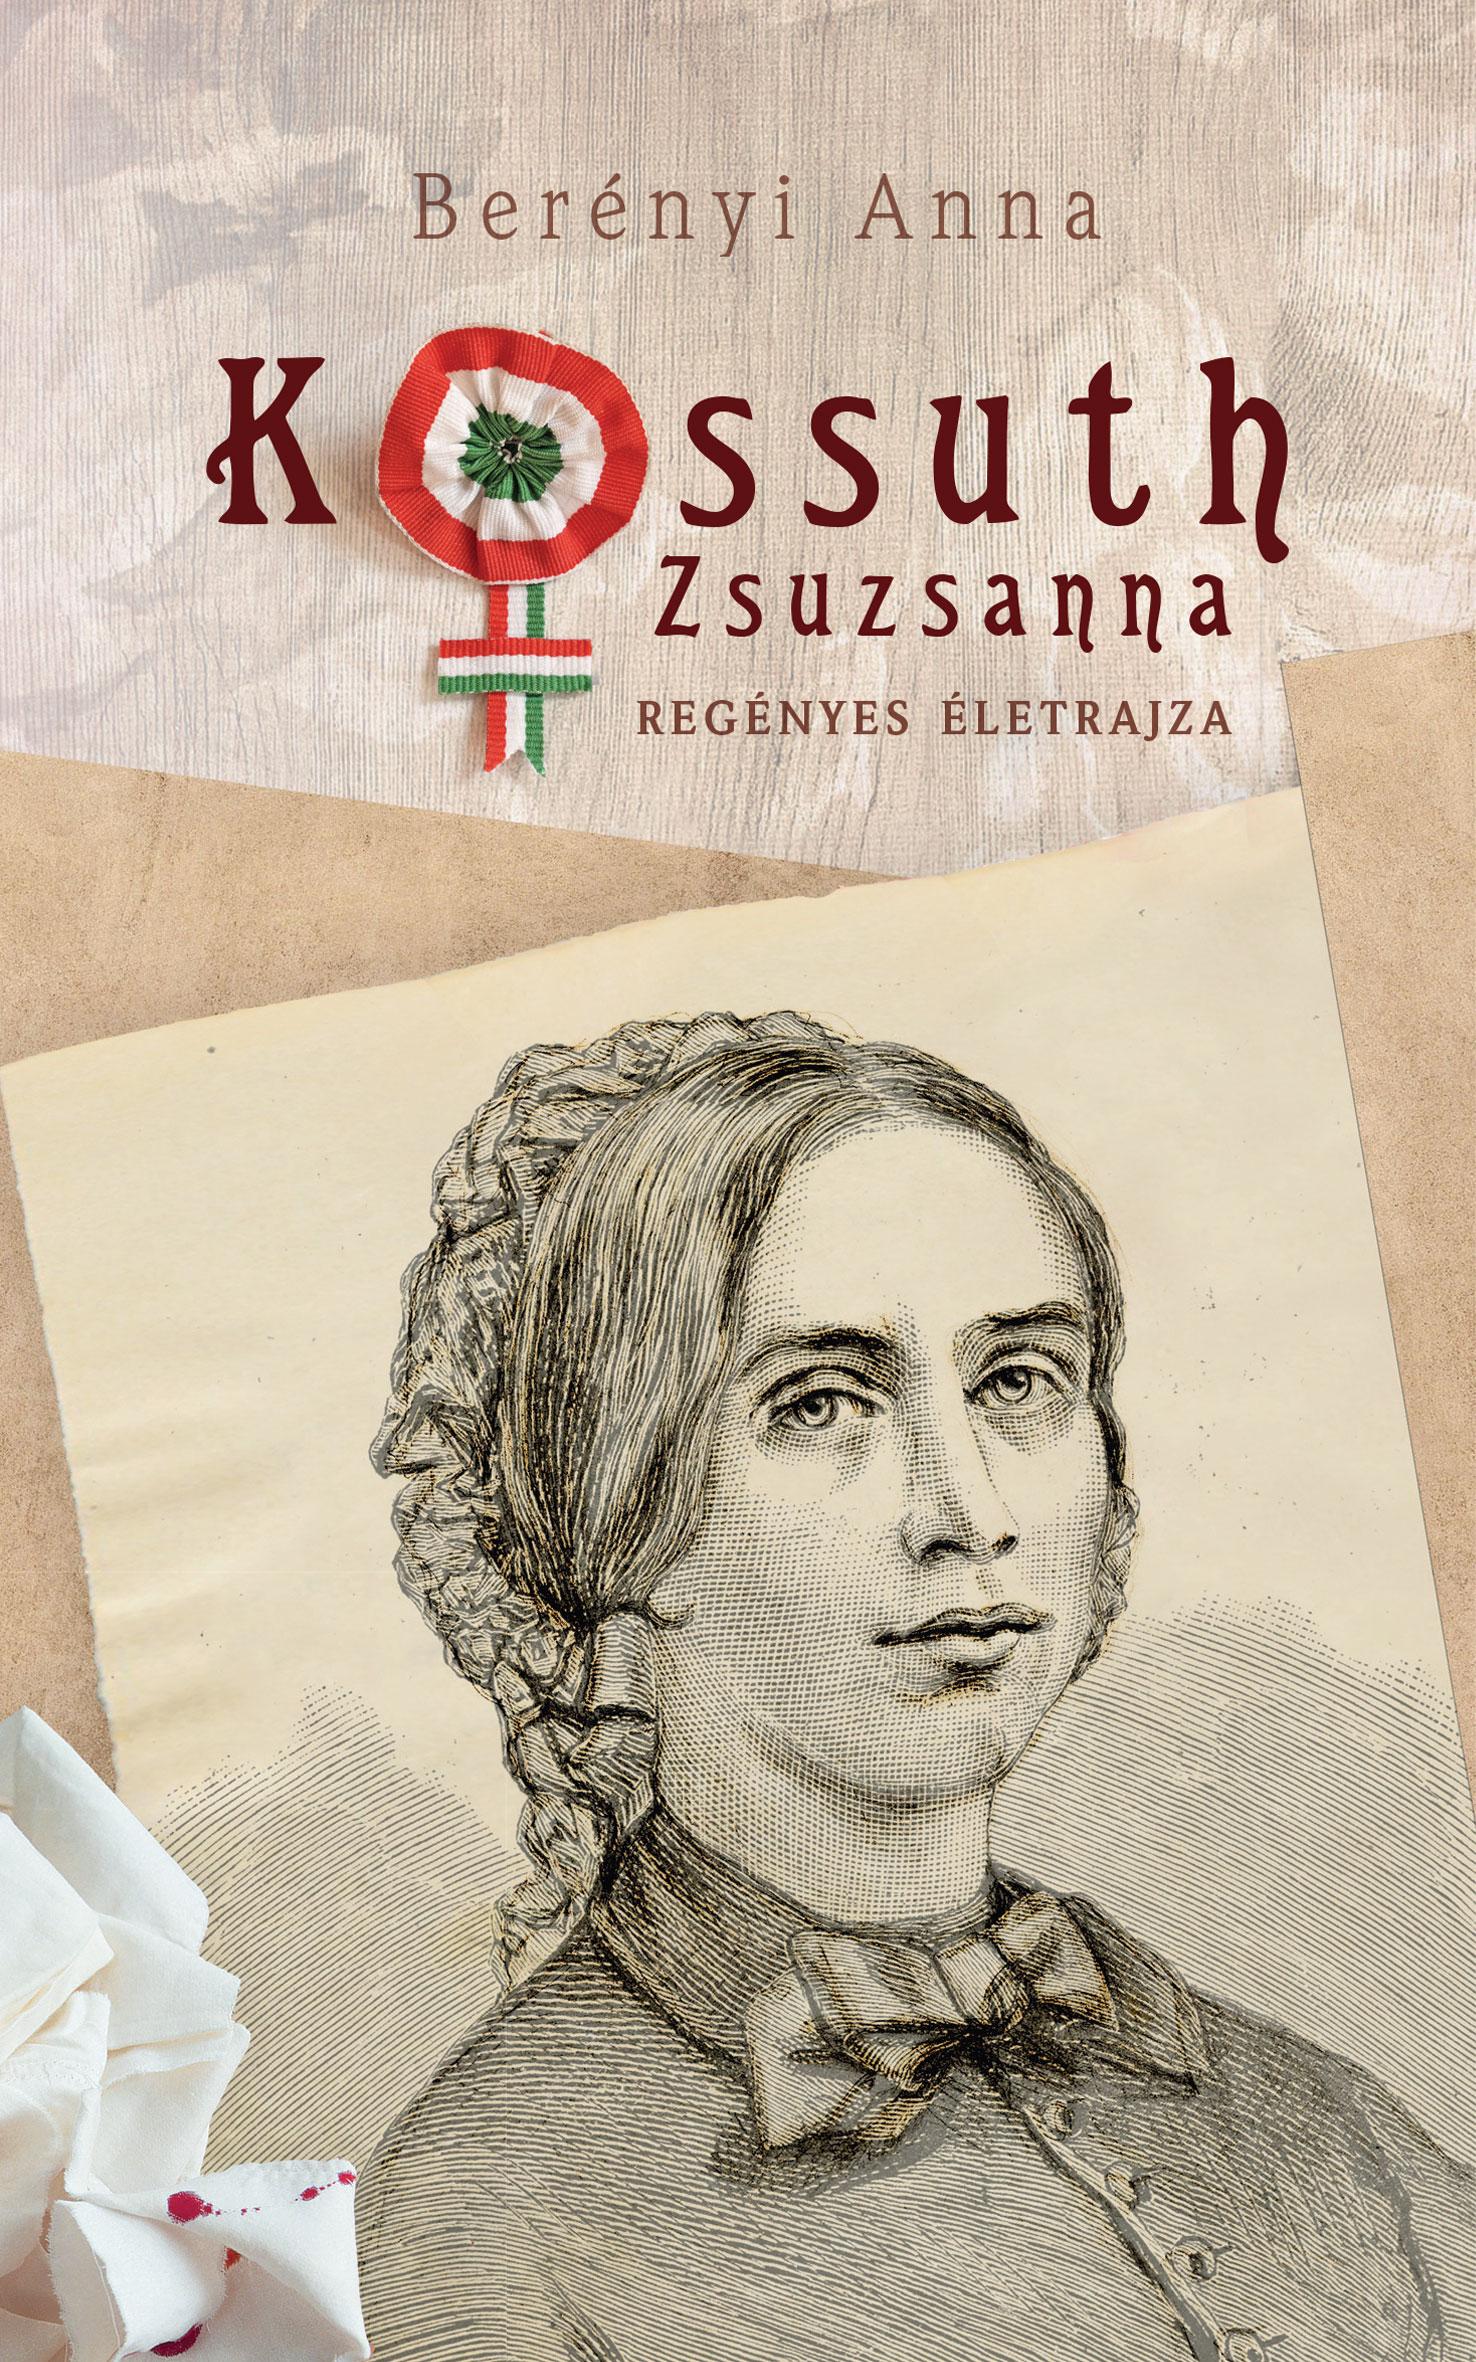 Kossuth Zsuzsanna regényes életrajza